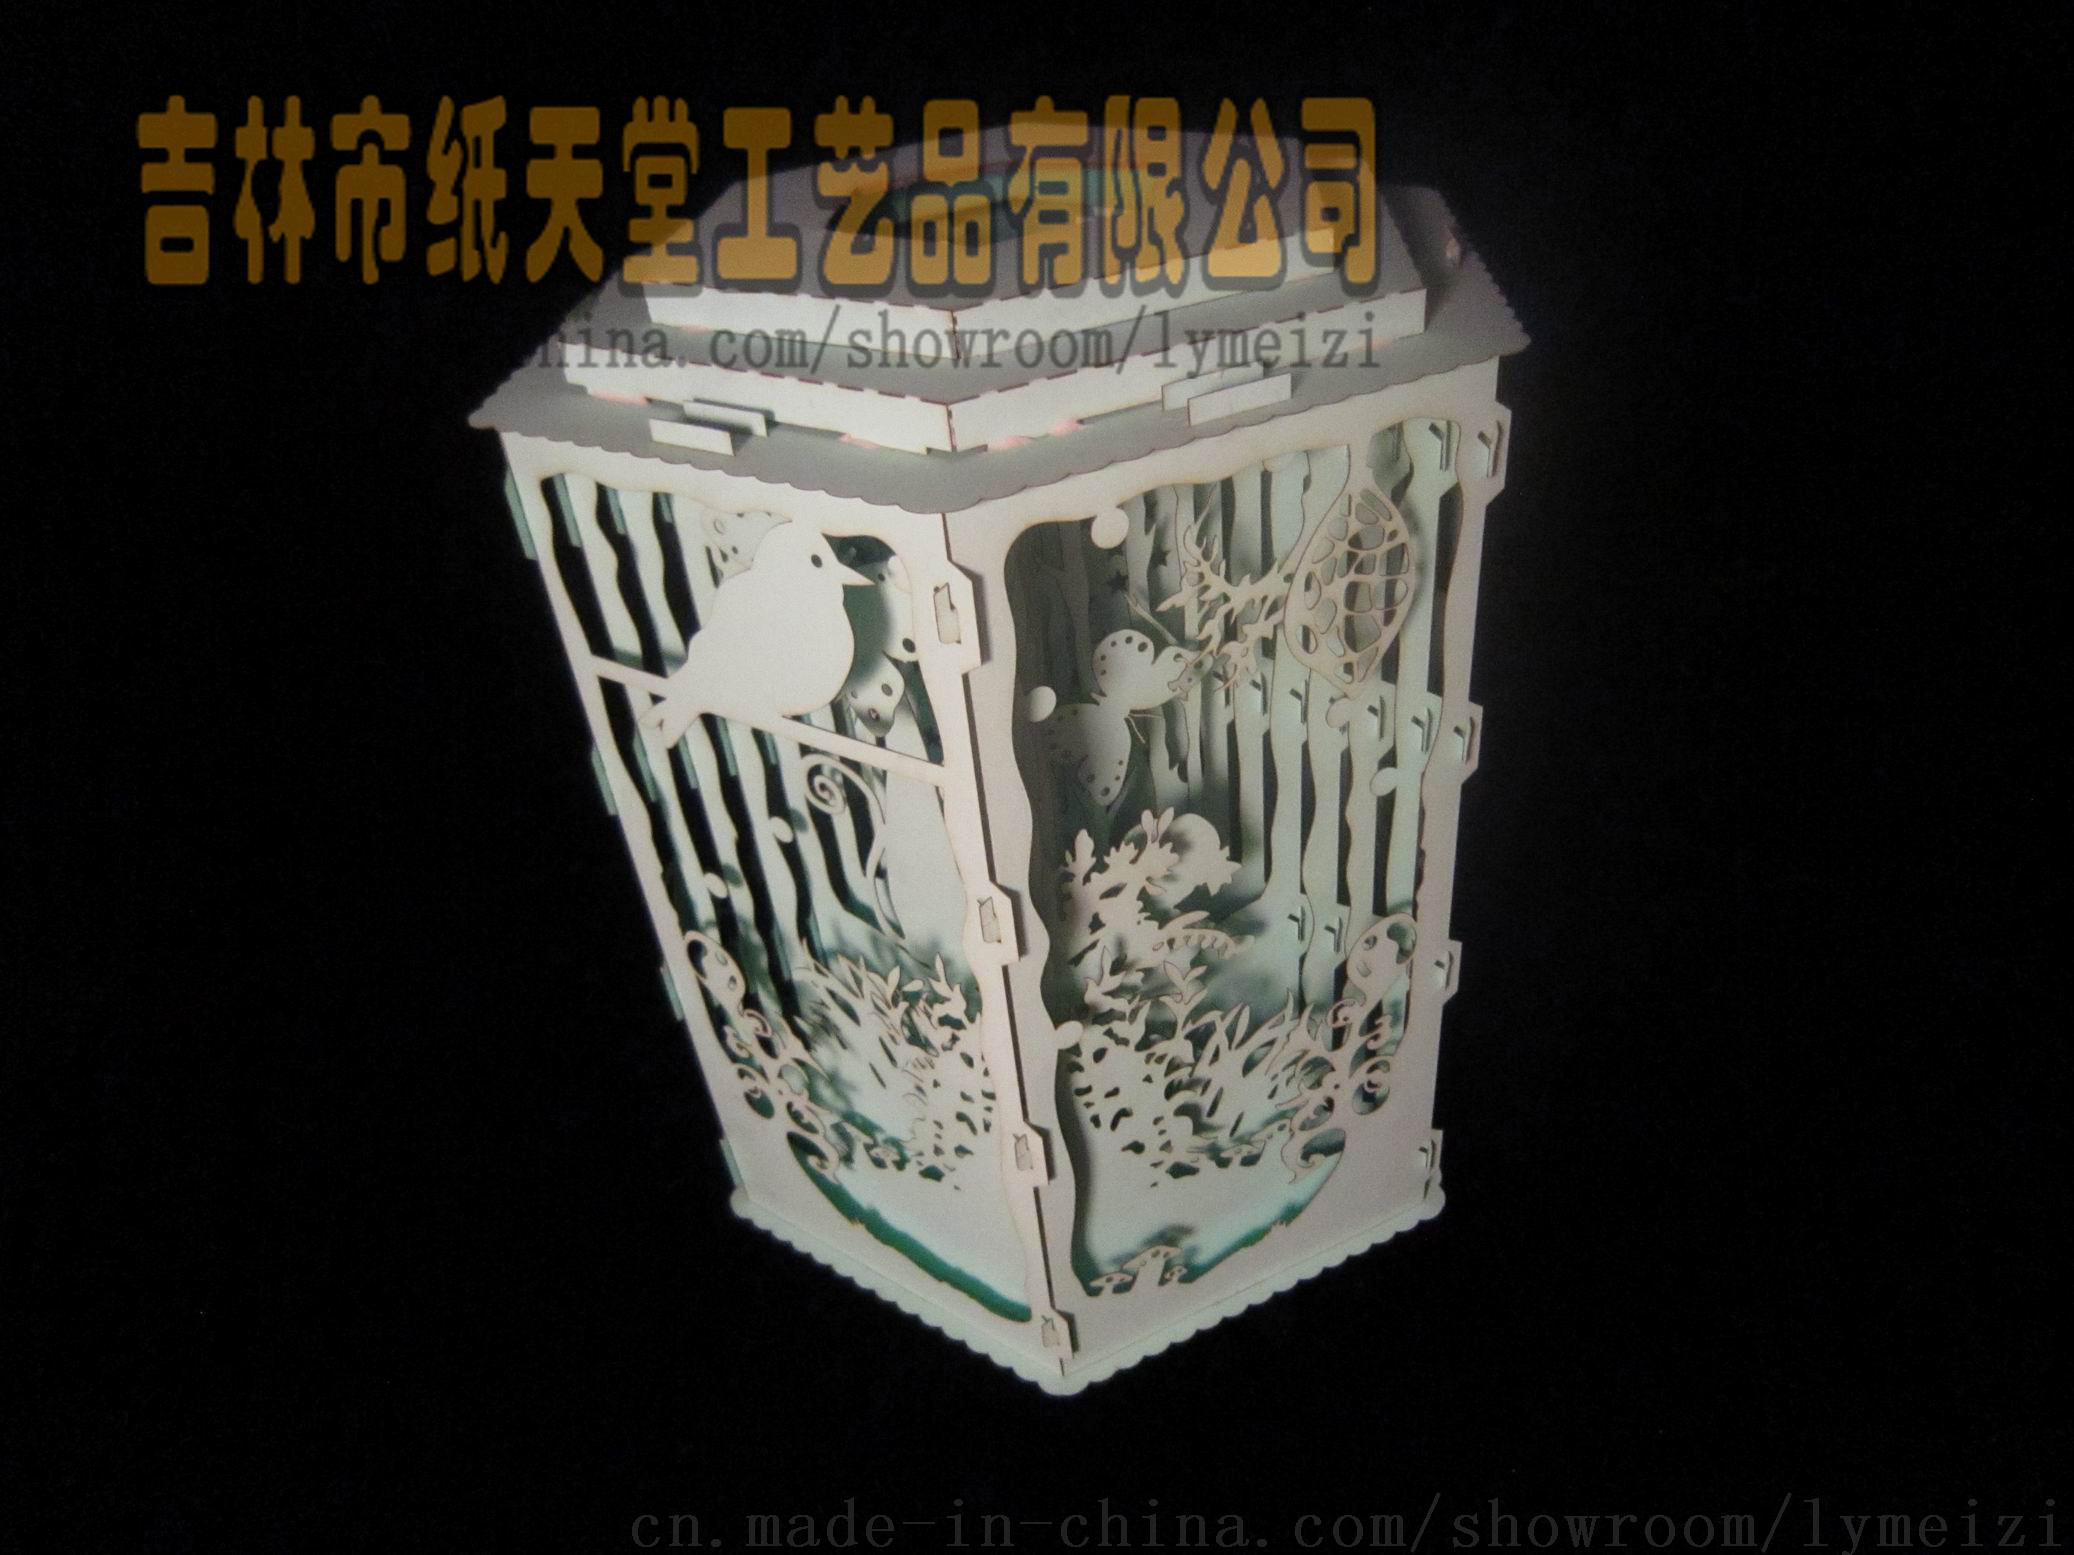 中国苗圃_立体贺卡建筑纸模型纸质工艺品创意礼物【价格,厂家,求购 ...